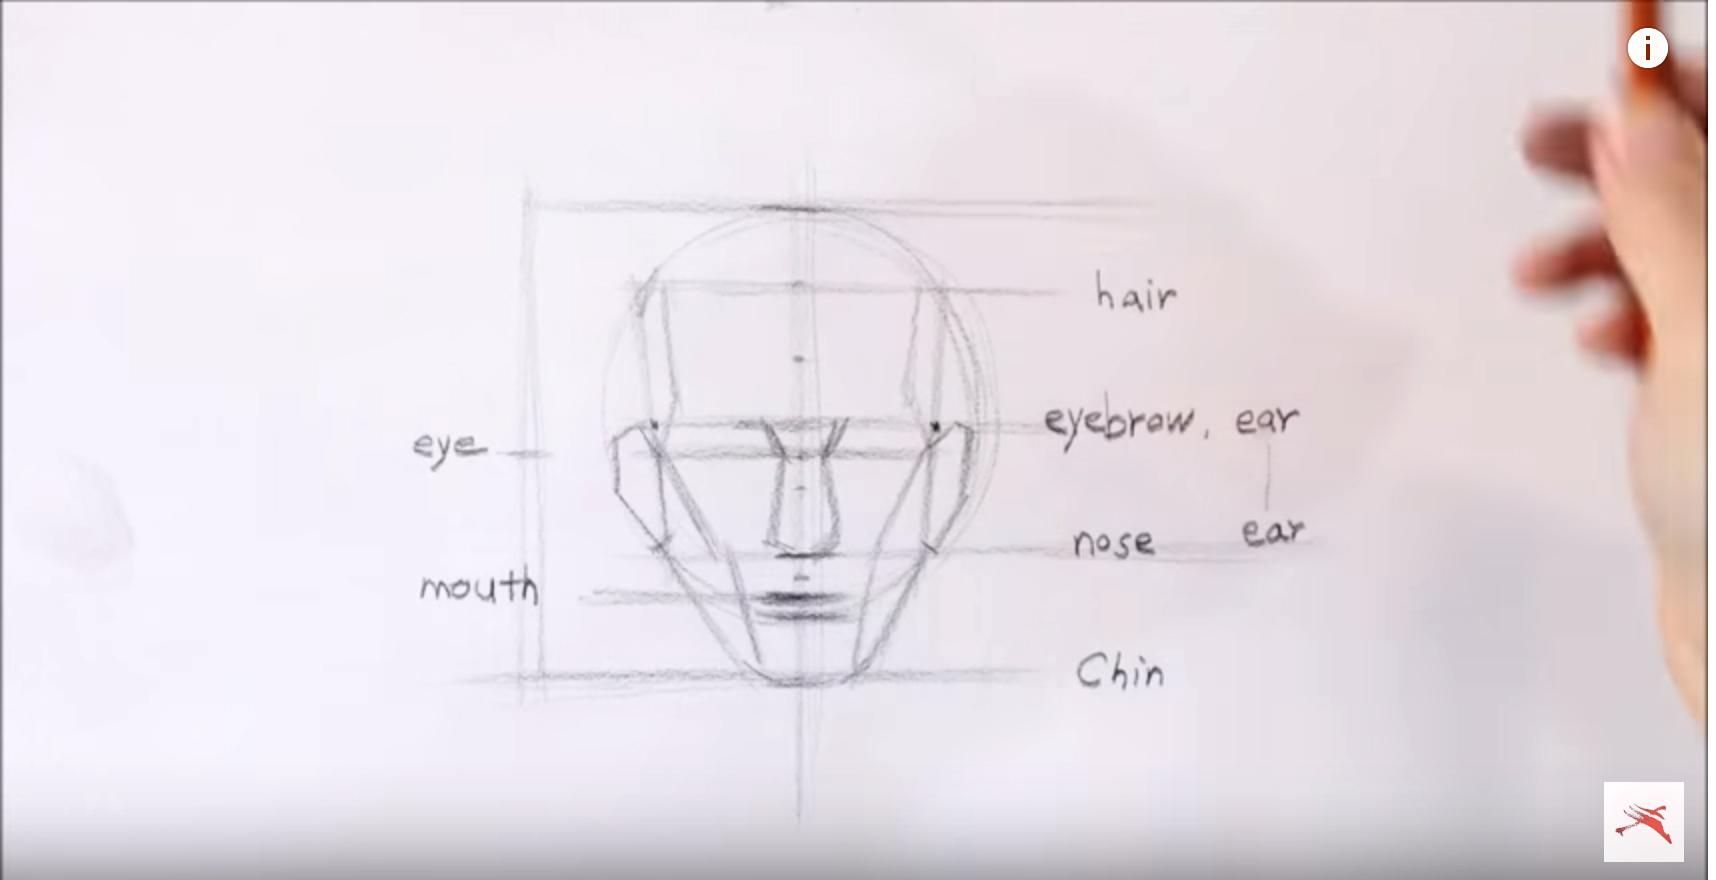 hogyan rajzoljunk nézetet